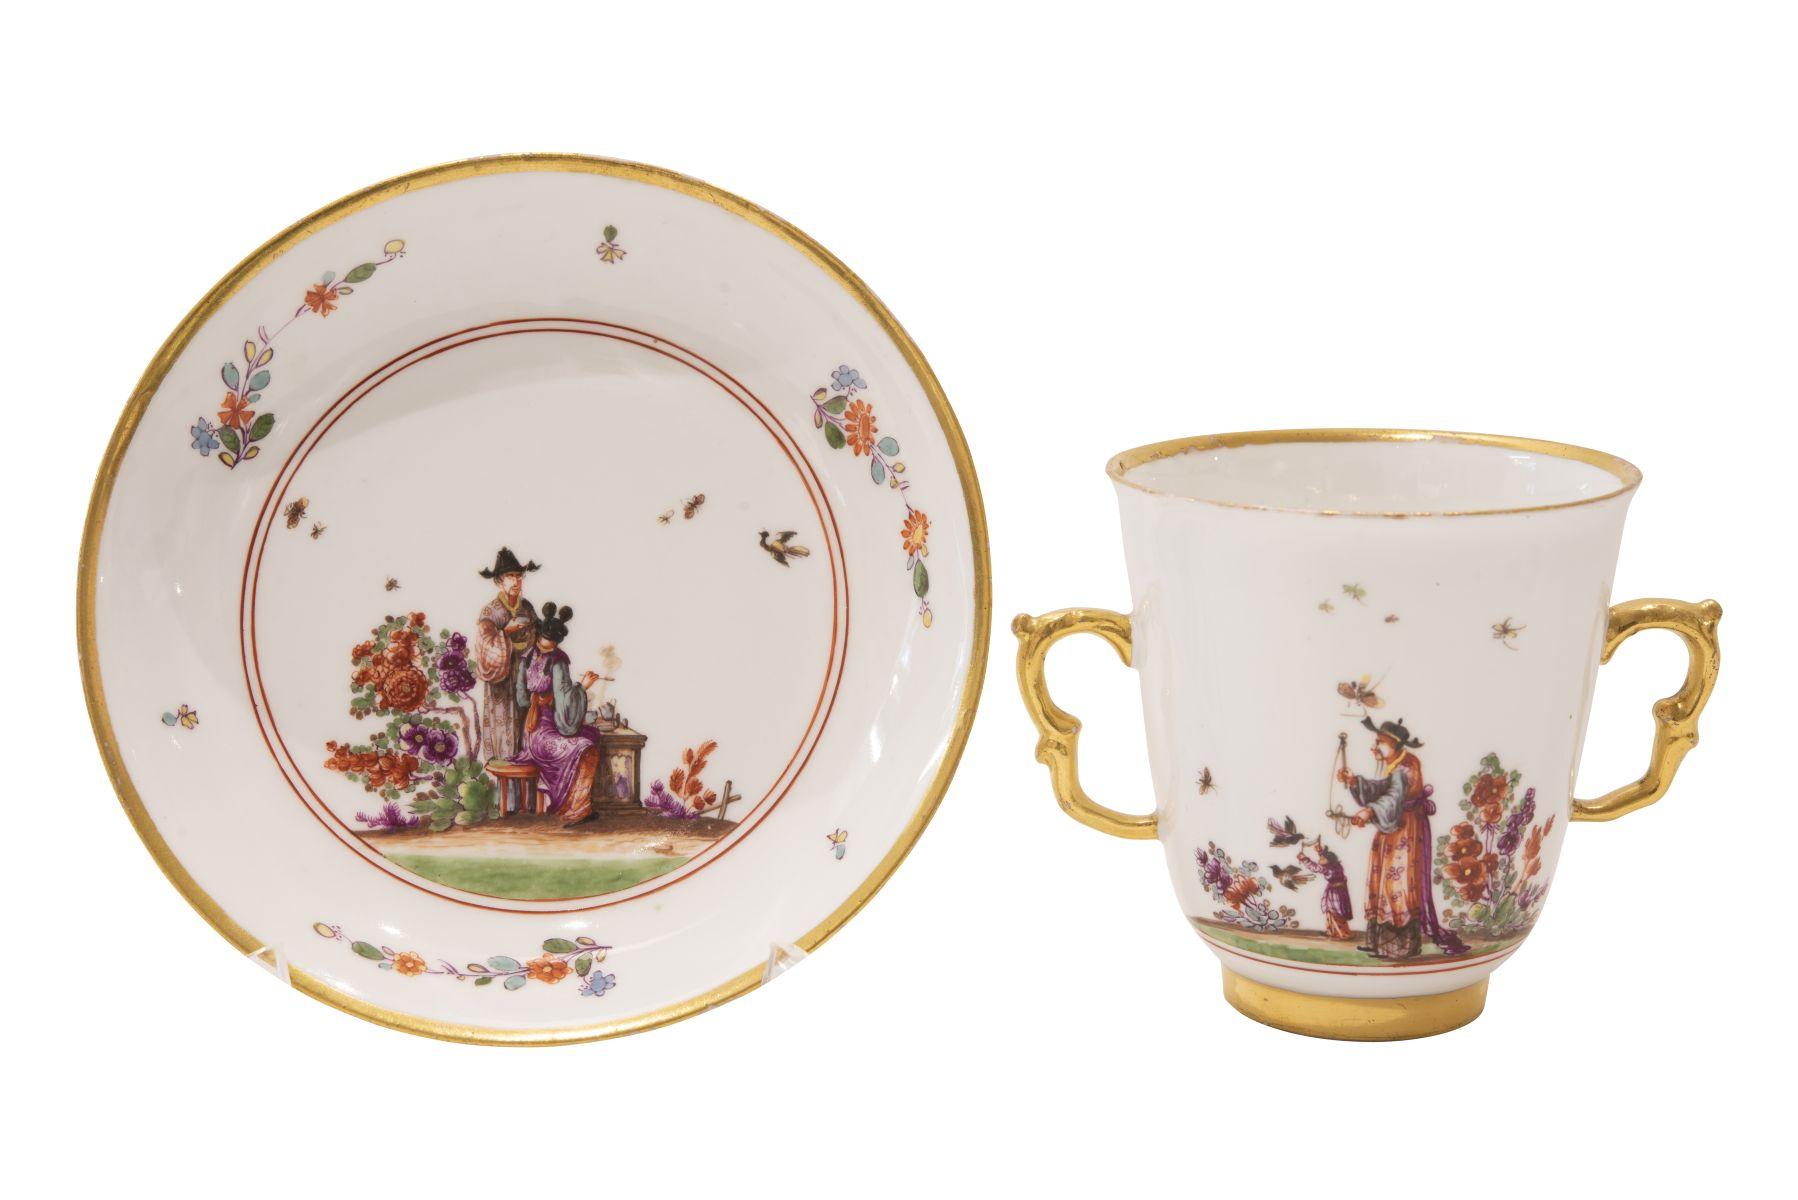 #109 Two-handled chocolate beaker with saucer, Meissen 1738/40,   Schokoladenbecher mit Unterschale Meissen 1738/40 Image